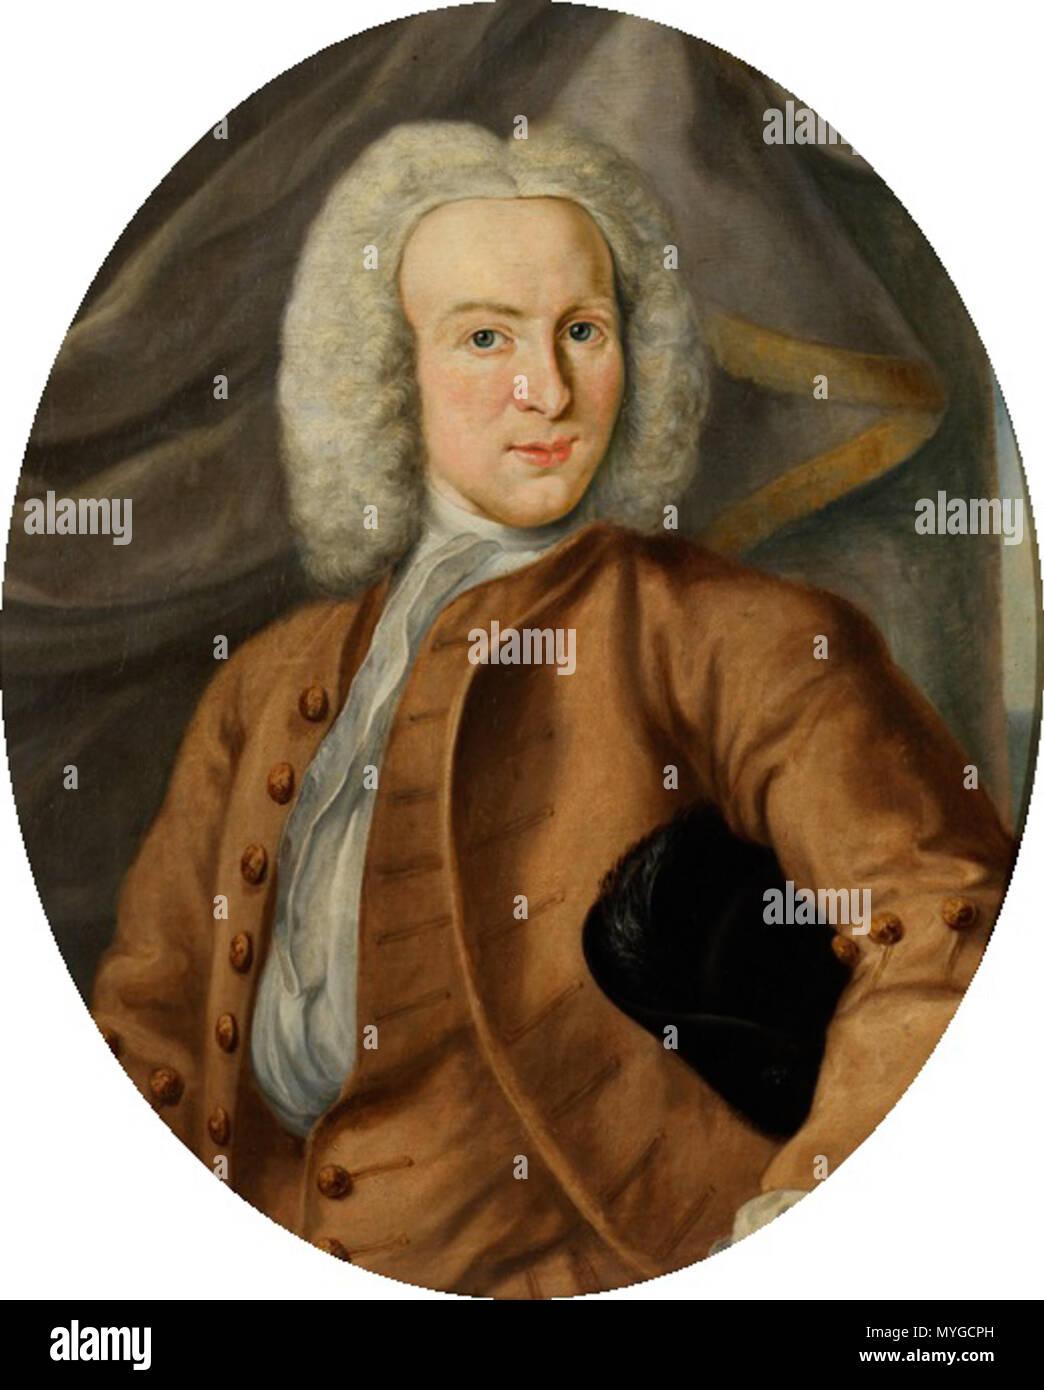 . Nederlands: Reint Jan Lewe van Middelstum . 1740. Johannes Antiquus (1702-1750) 278 Johannes Antiquus - Reint Jan Lewe van Middelstum - Stock Image